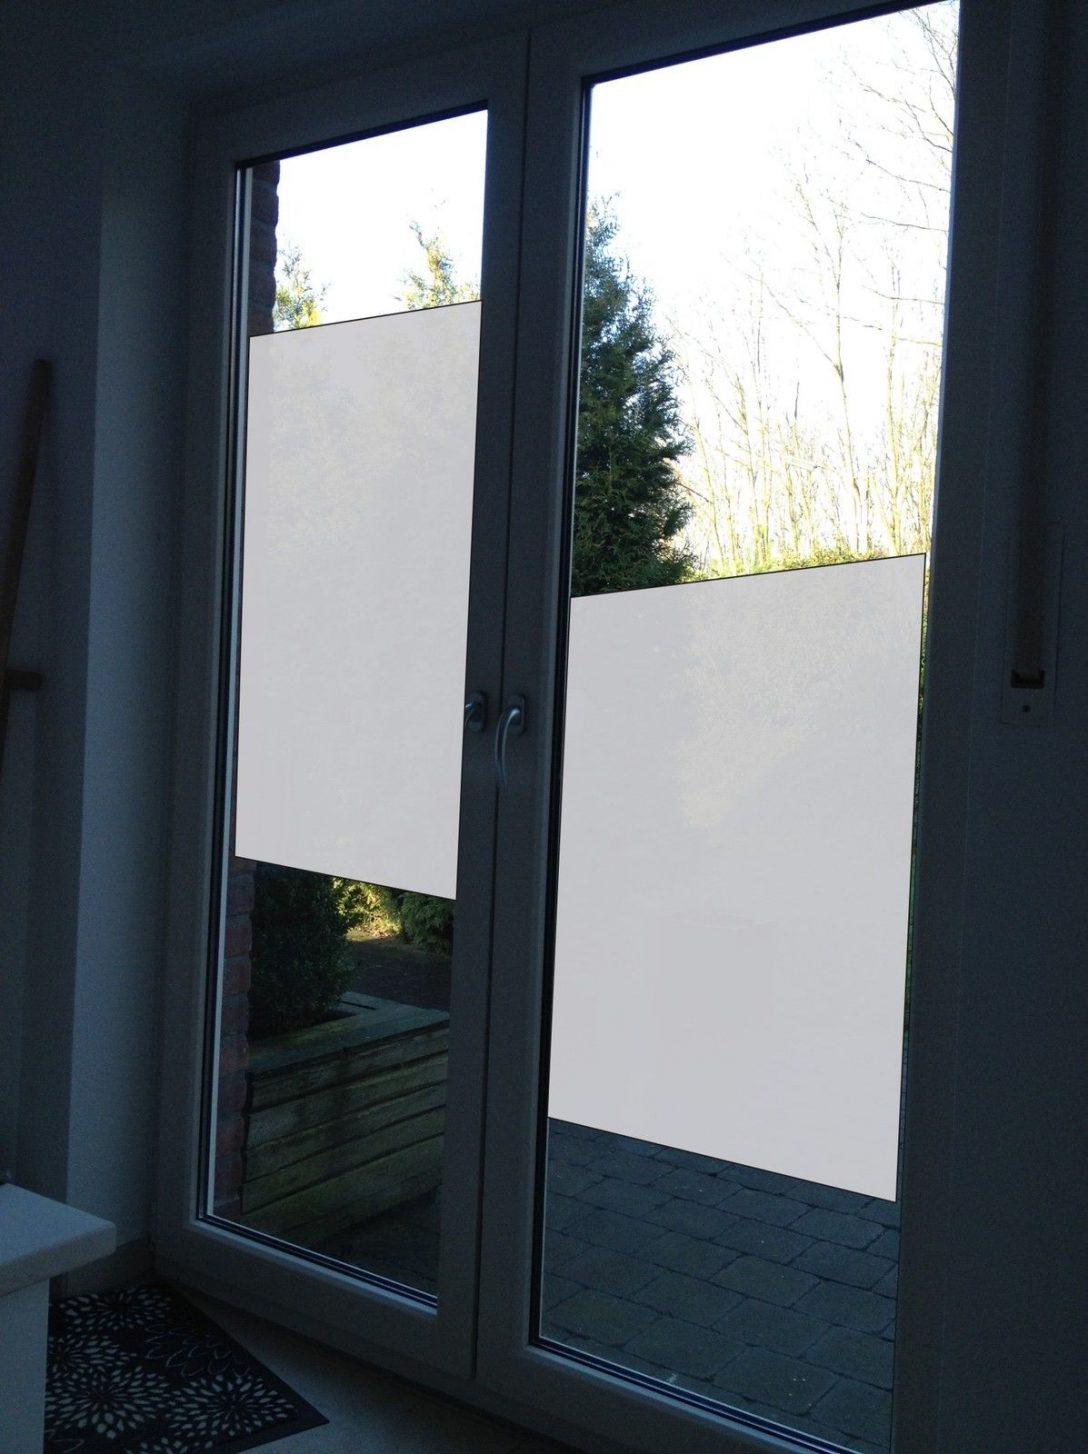 Full Size of Fenster Folie Fensterfolie Entfernen Kosten Blasen Fensterfolien Wohnzimmer Fensterfolie Blickdicht